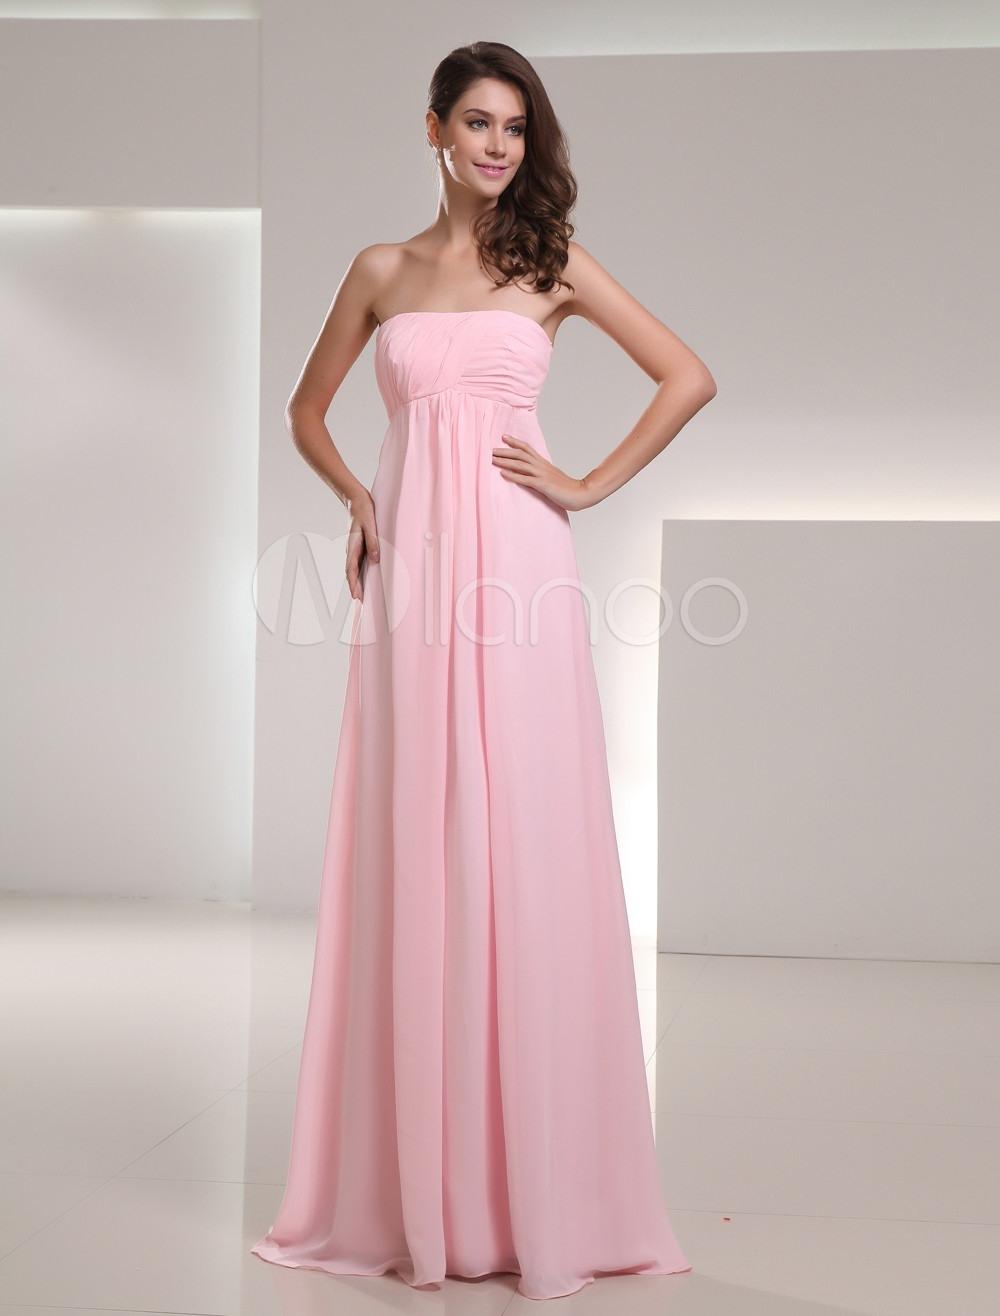 17 Einfach Kleid Rosa Hochzeit für 2019Abend Top Kleid Rosa Hochzeit Galerie